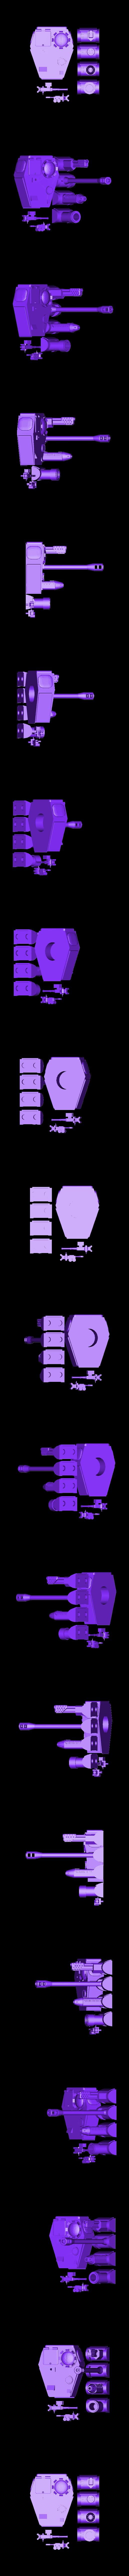 ork tank turret ready to print.stl Télécharger fichier STL Ork Tank / Canon d'assaut 28mm optimisé pour FDM Printing • Modèle pour imprimante 3D, redstarkits